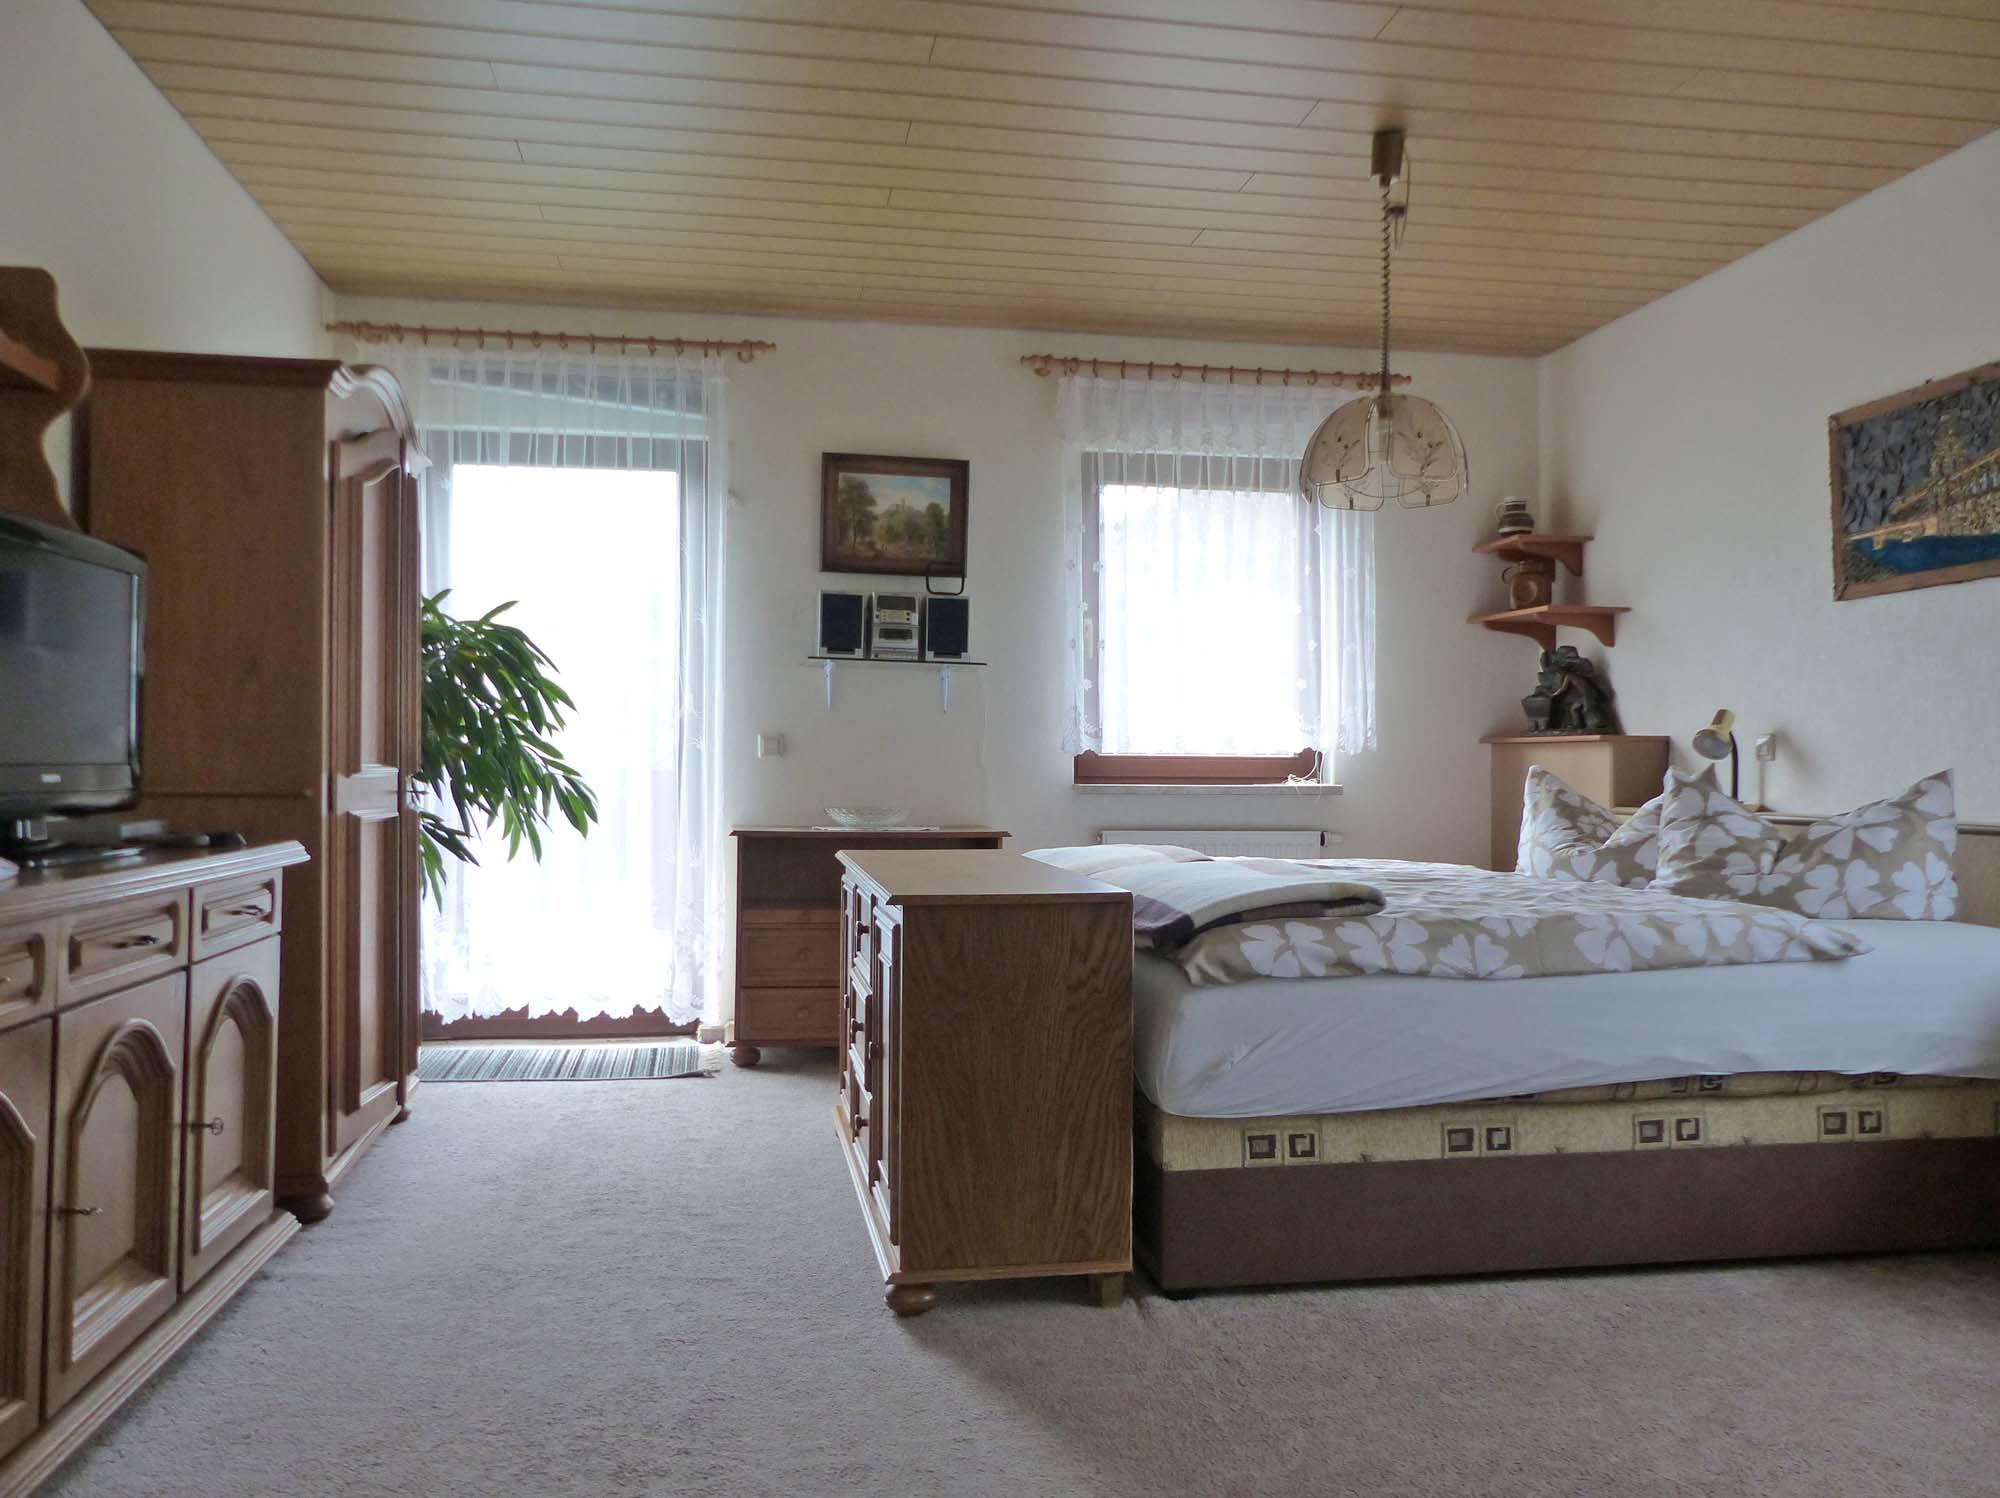 ferienwohnung 5 f r 2 personen haus anneliese in. Black Bedroom Furniture Sets. Home Design Ideas